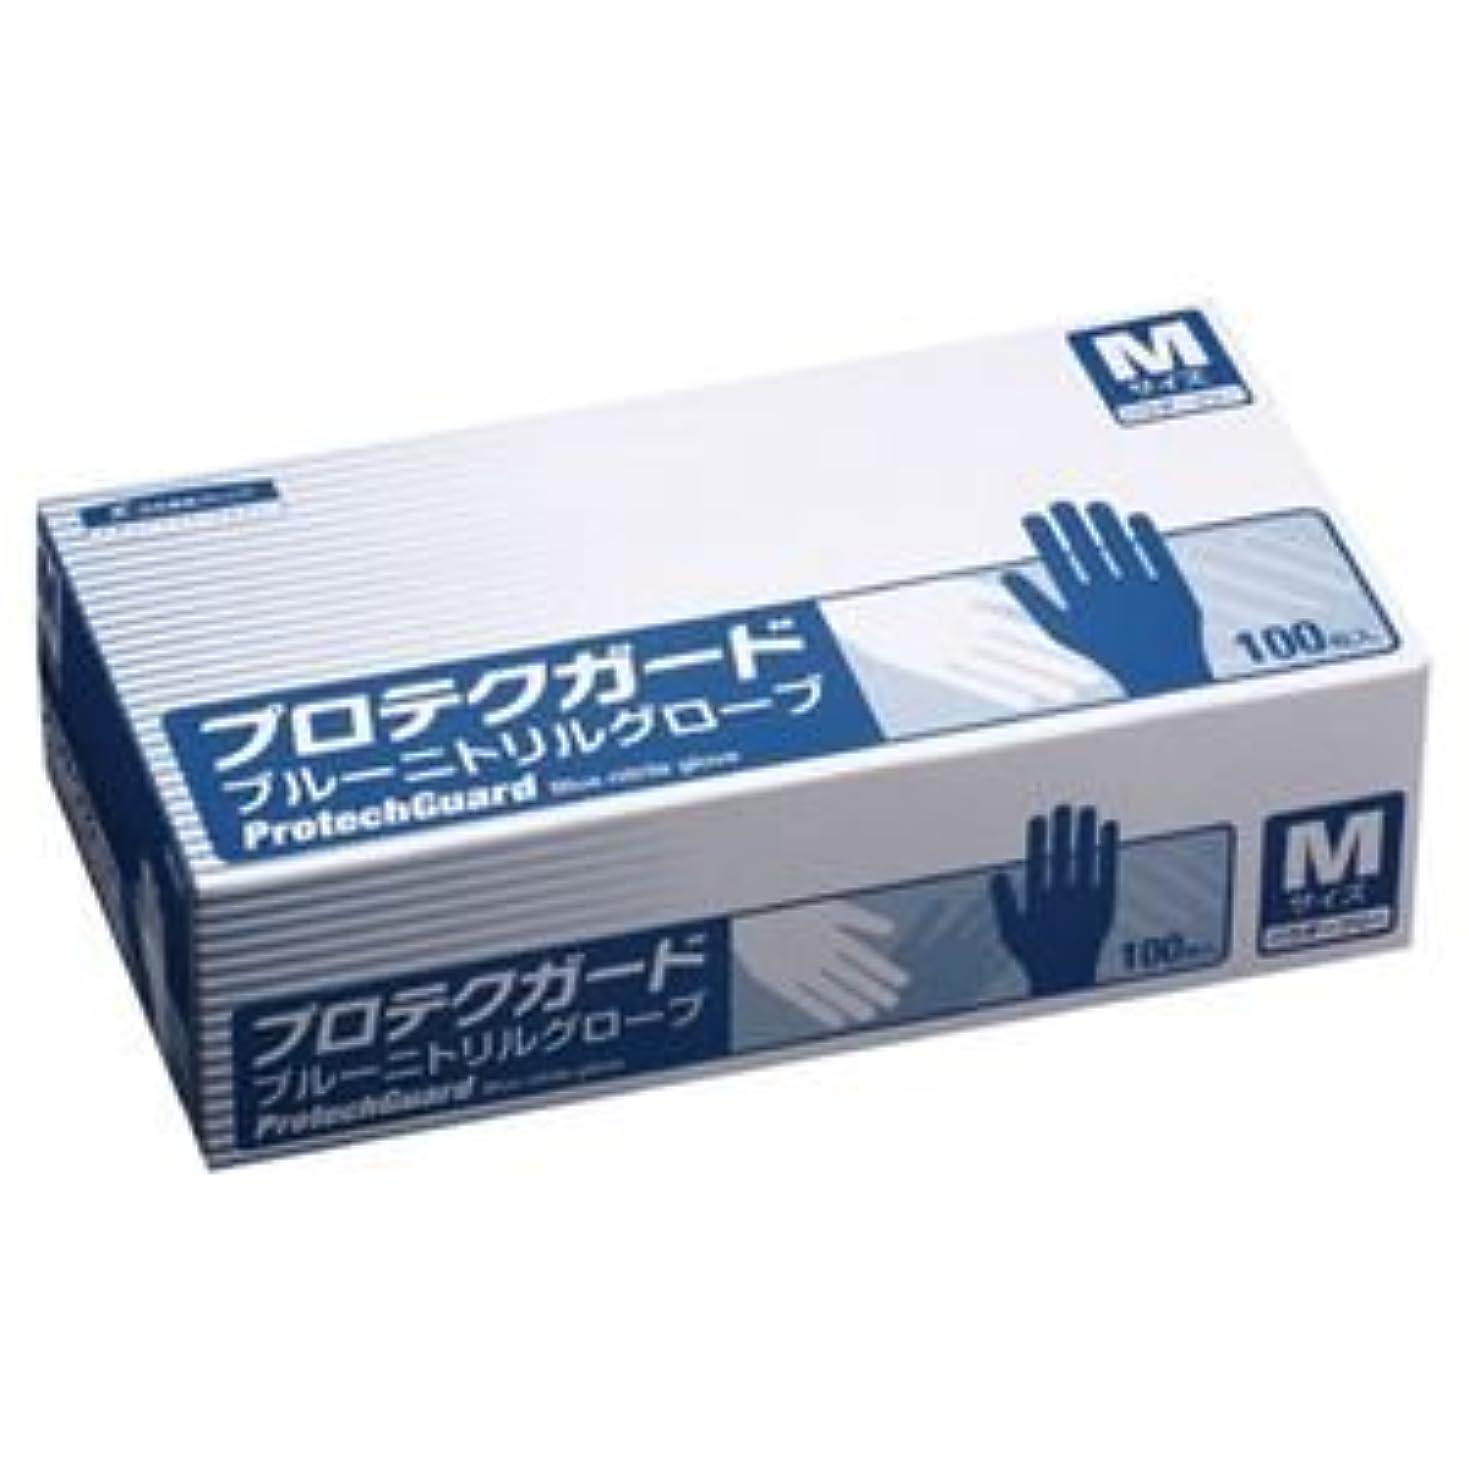 ポテトシンポジウム飢(業務用10セット) 日本製紙クレシア プロテクガード ニトリルグローブ青XS100枚